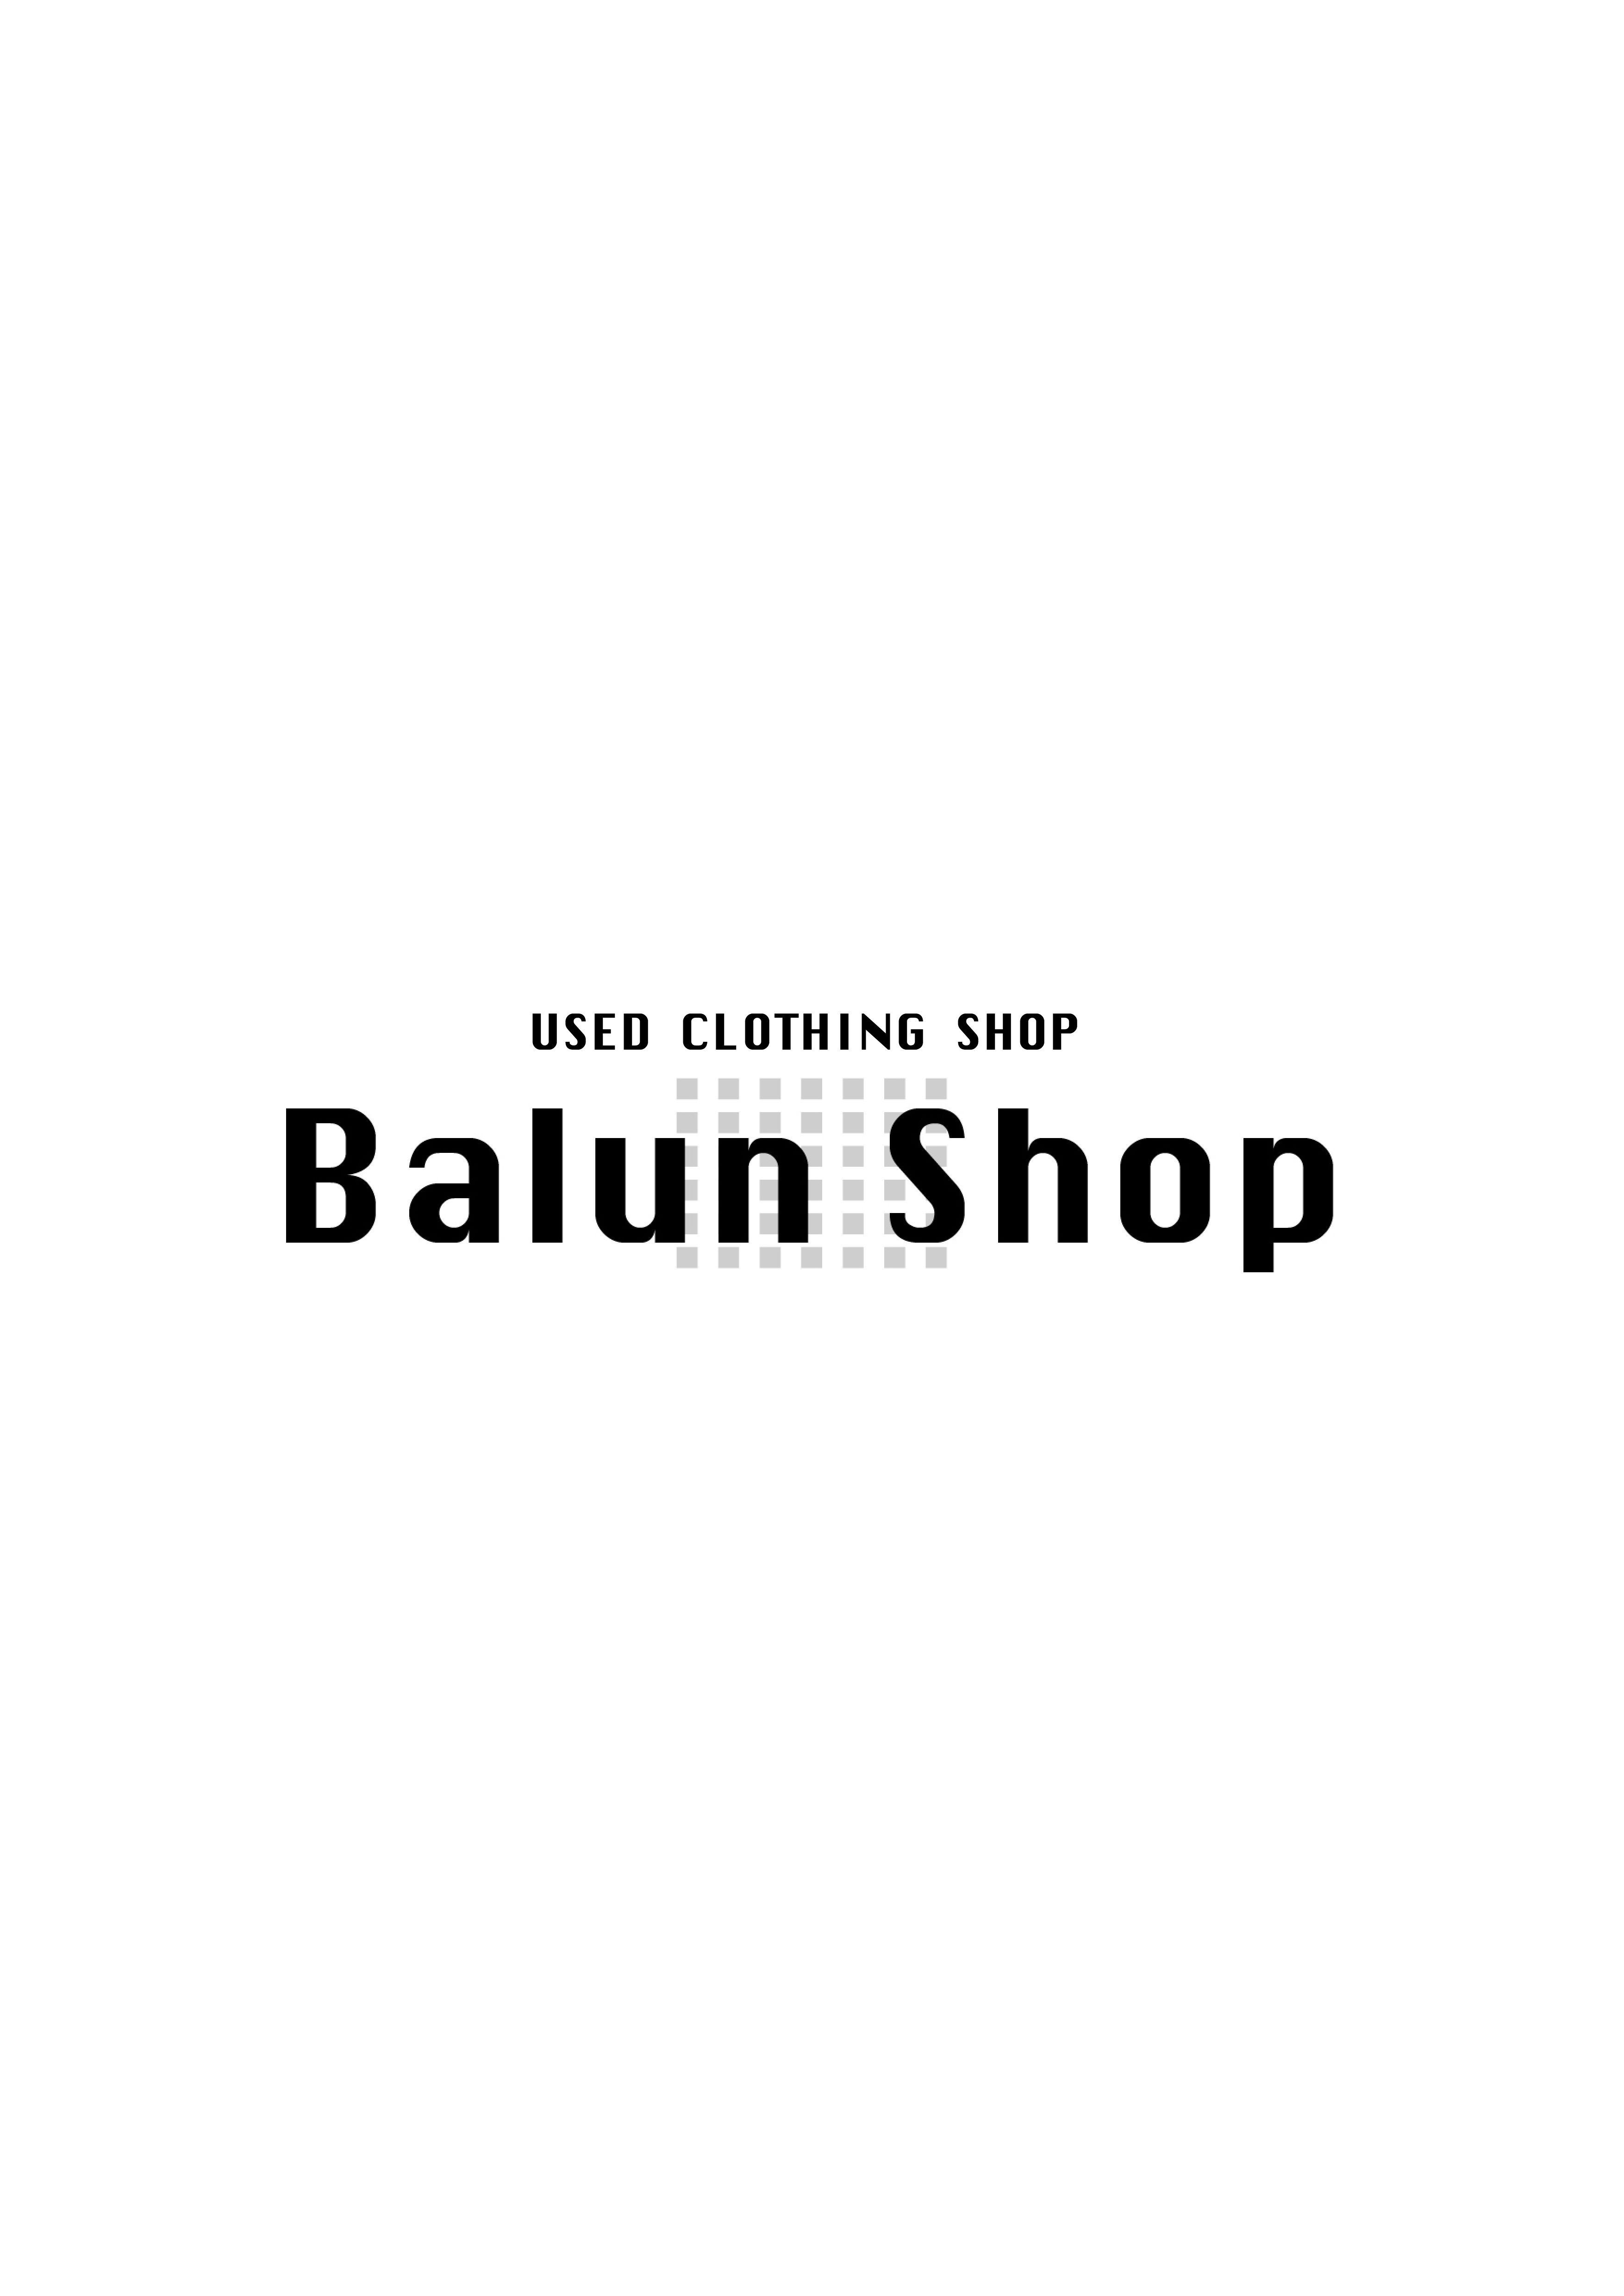 Balun Shop